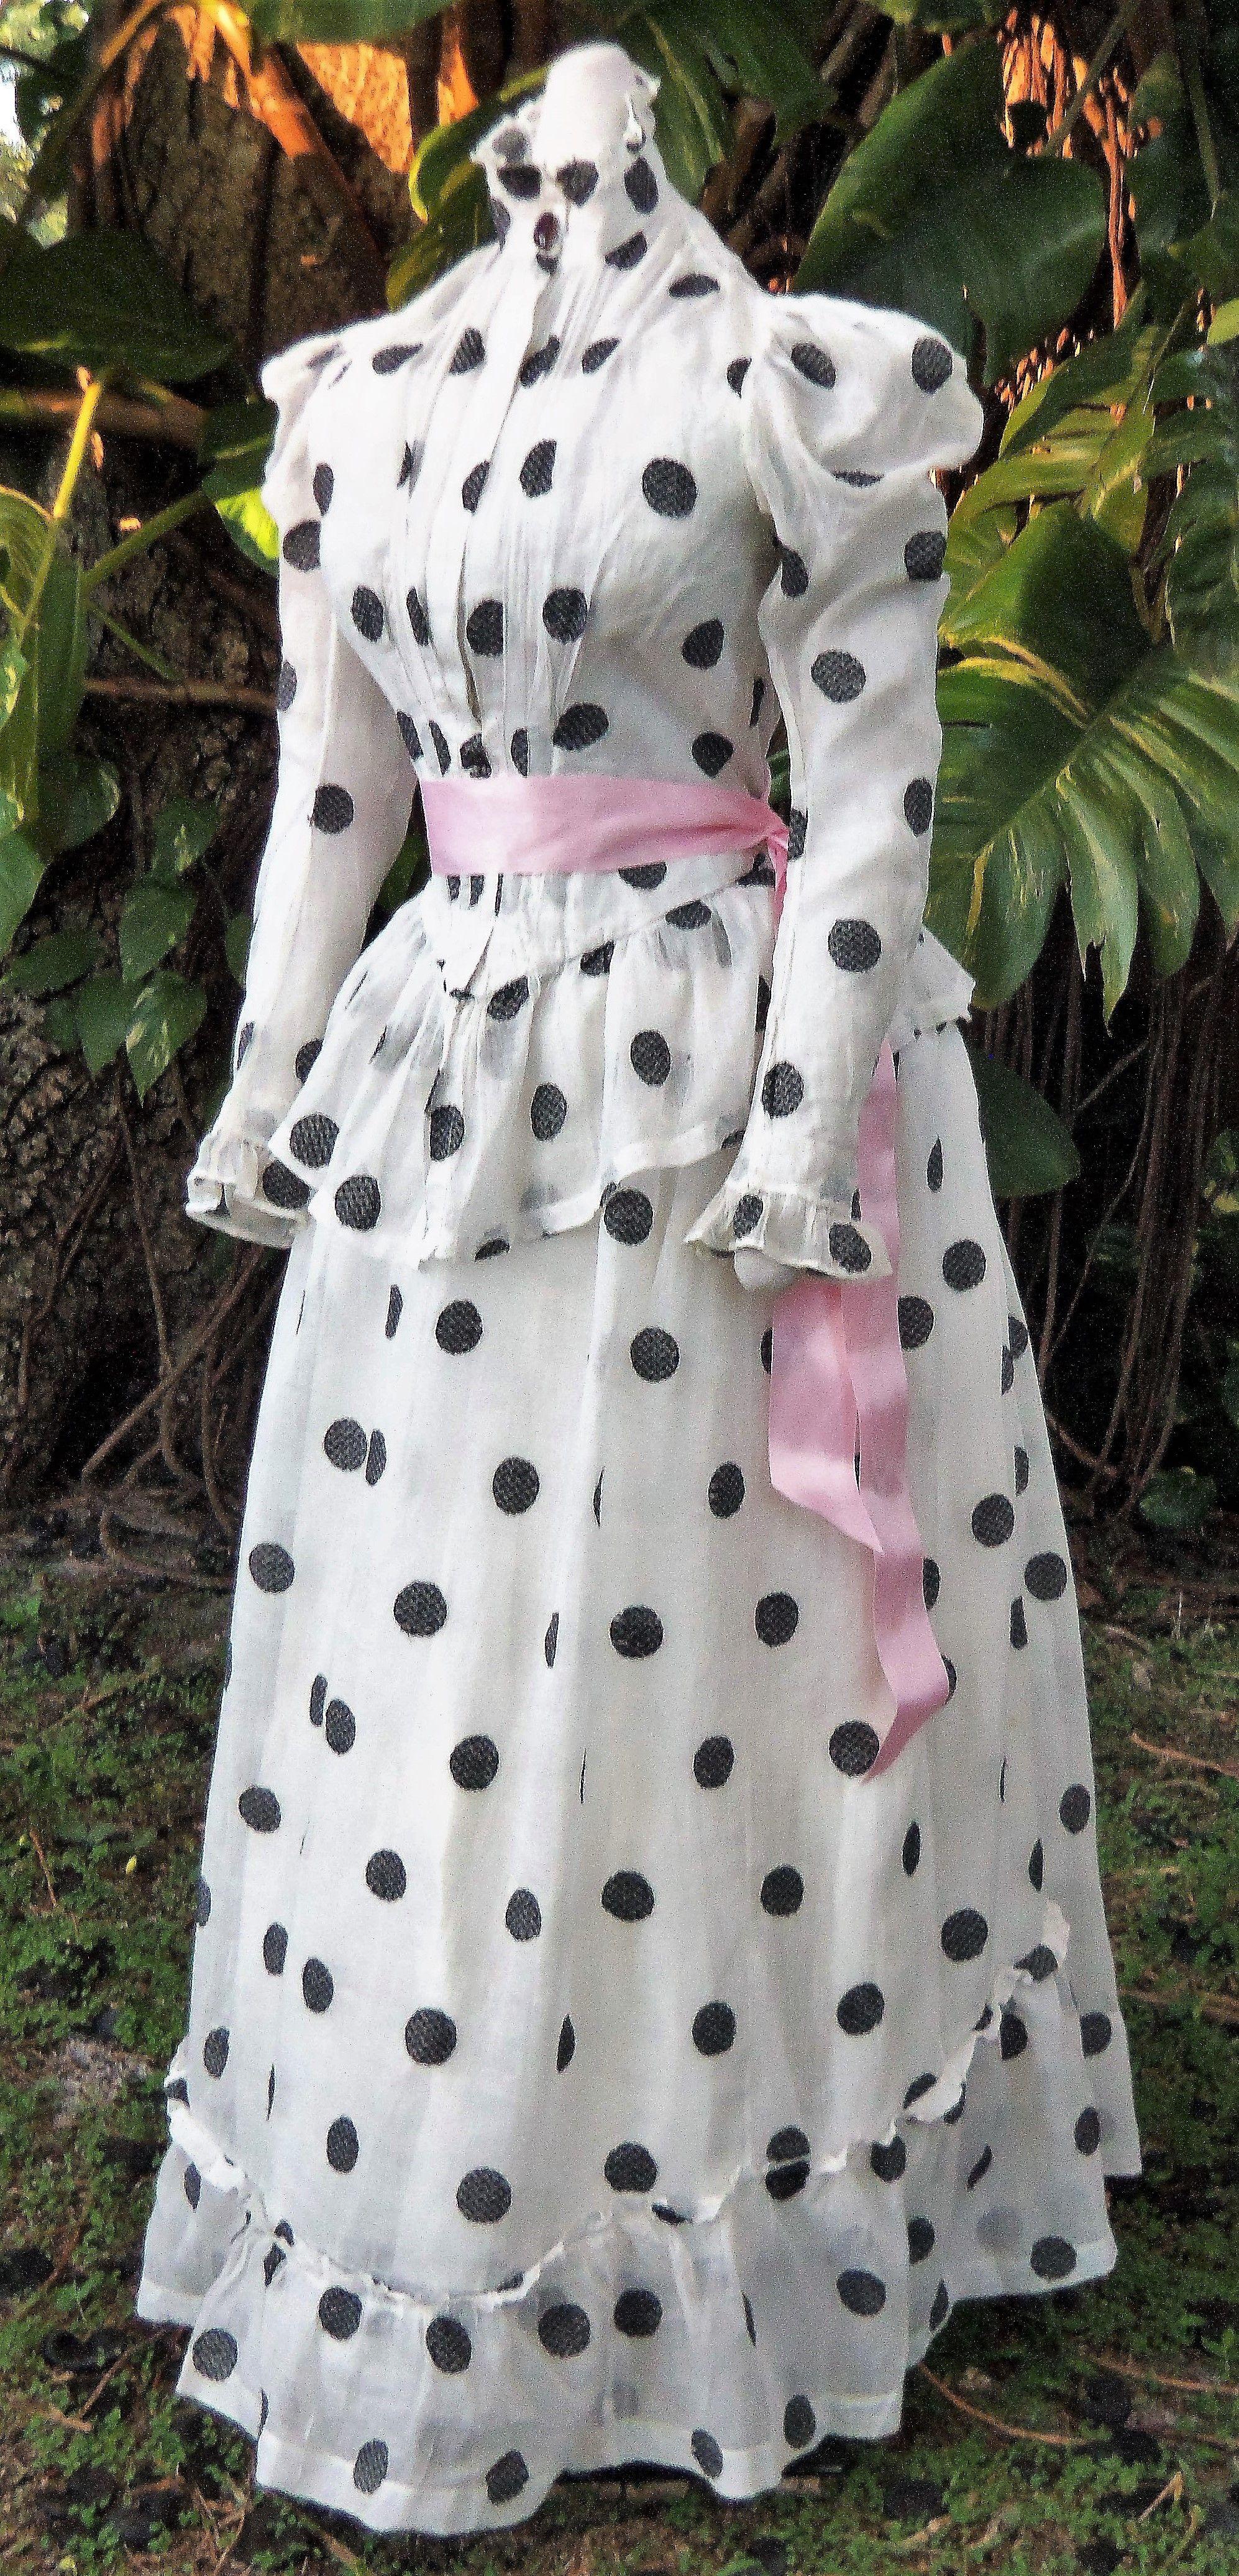 Muslin summer dress c.1890 | 1880 - 1889 fashion | Pinterest ...